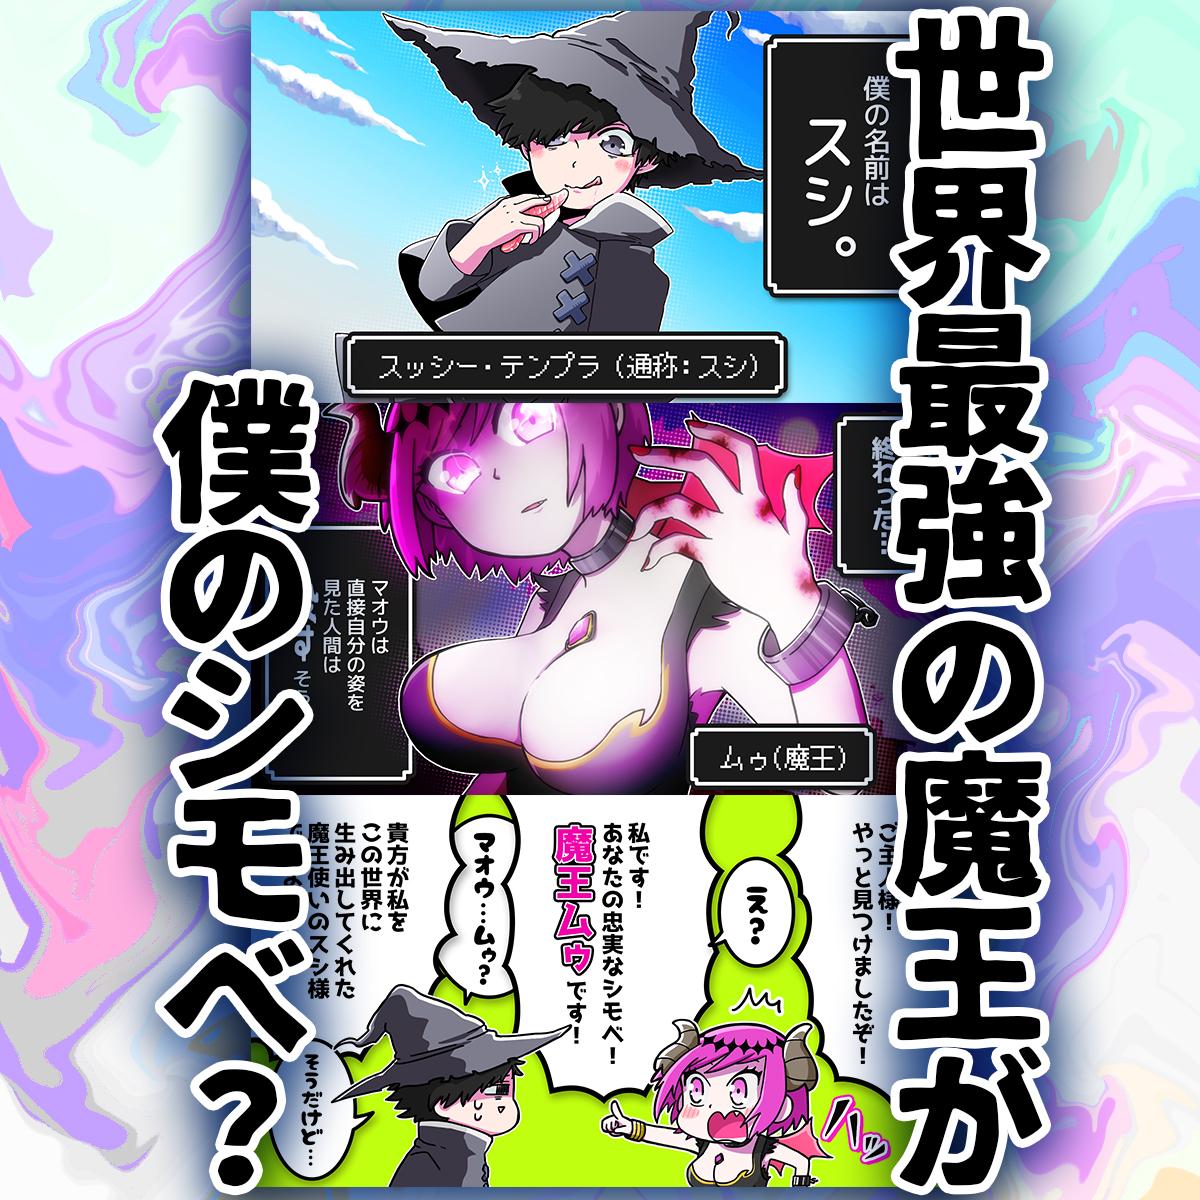 キャラクターデザイン,characterdesign,イラスト,illustration,Kindle